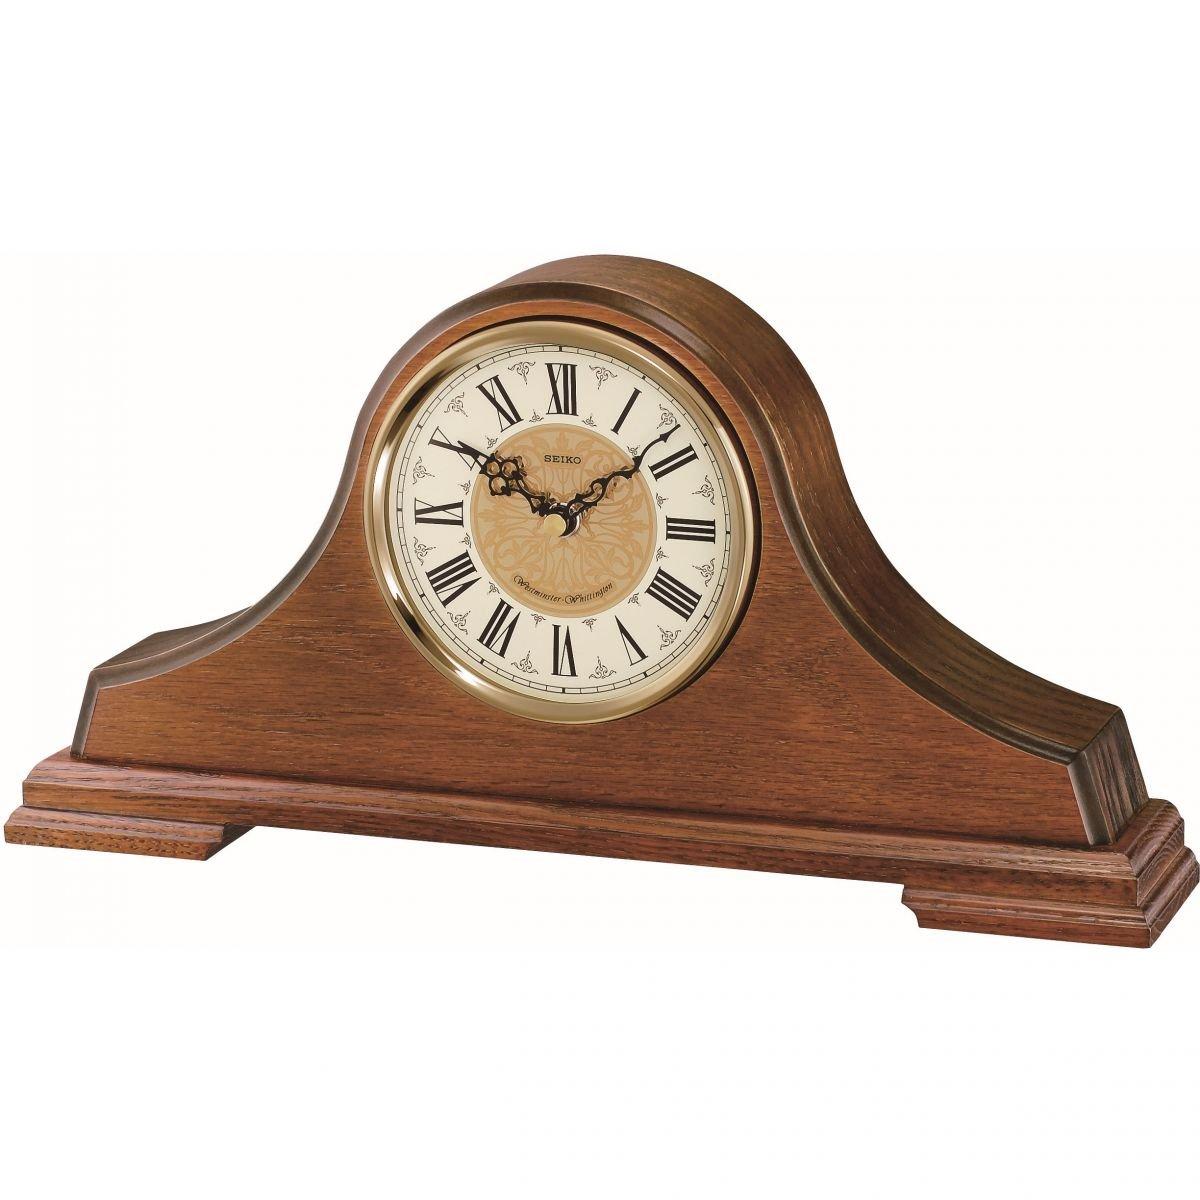 Seiko Clocks Clocks Clocks Wooden Mantle QXJ013B by Seiko 186a50